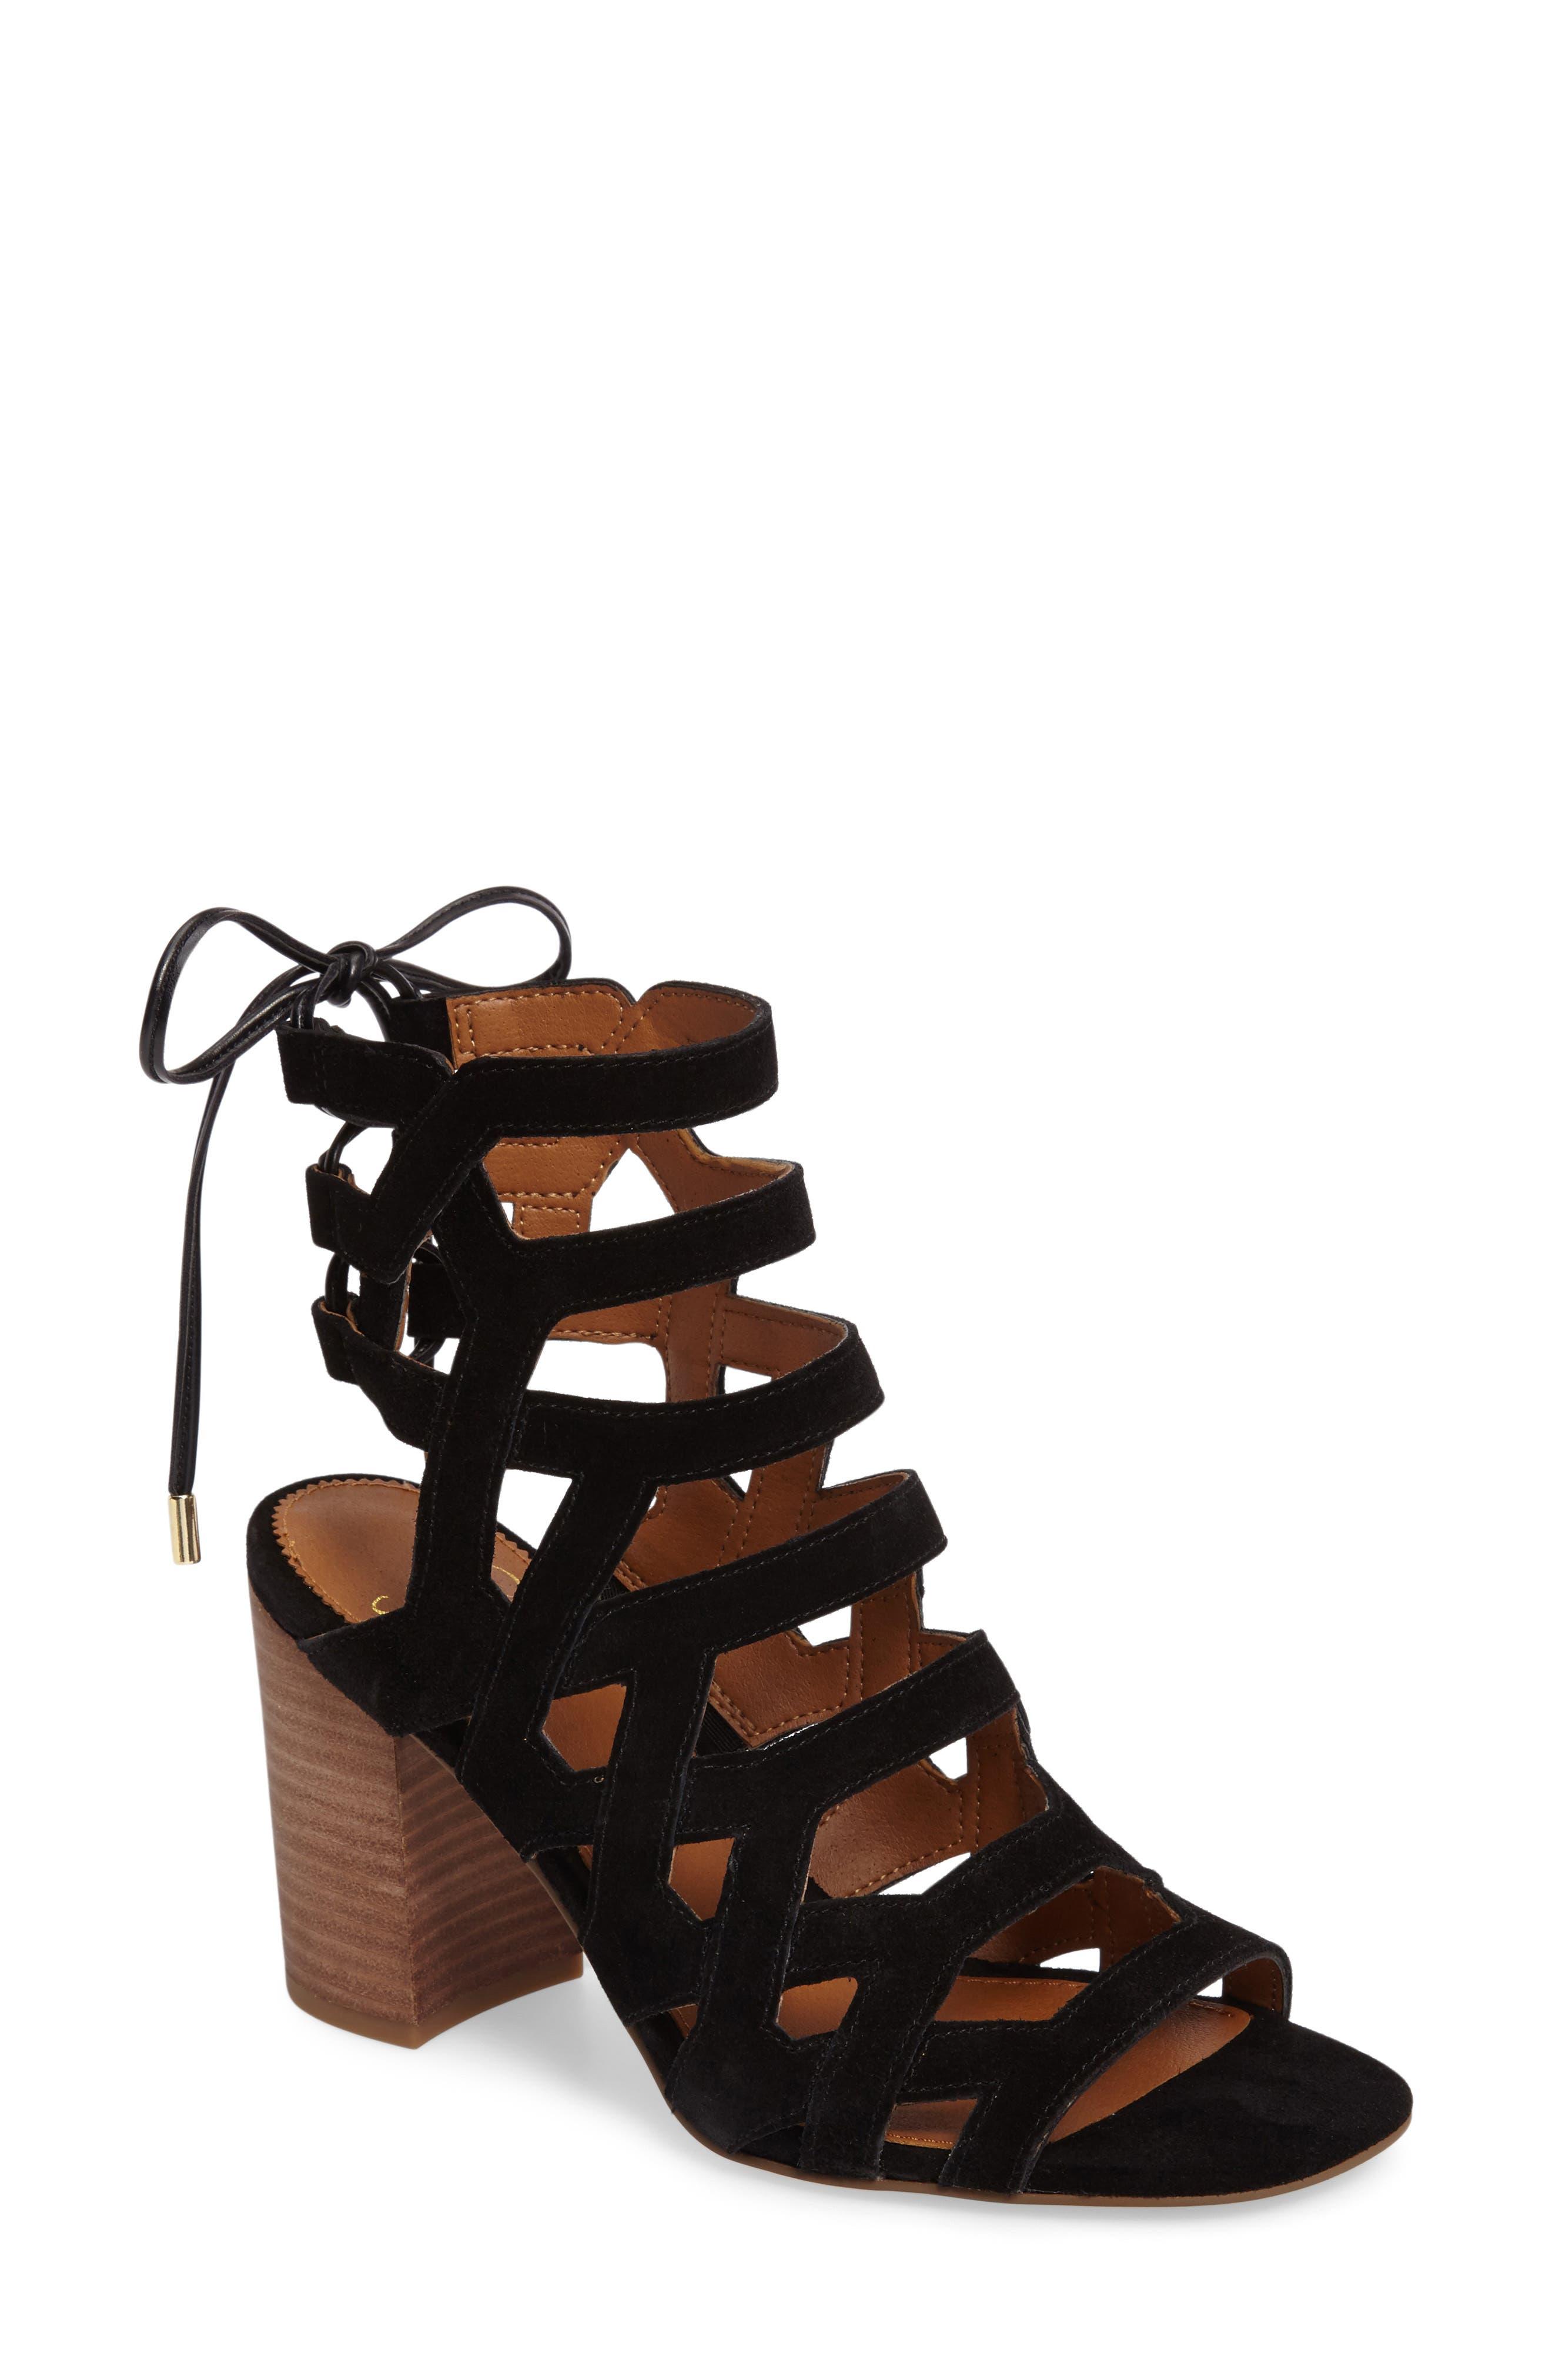 Main Image - SARTO by Franco Sarto Connie Block Heel Cage Sandal (Women)